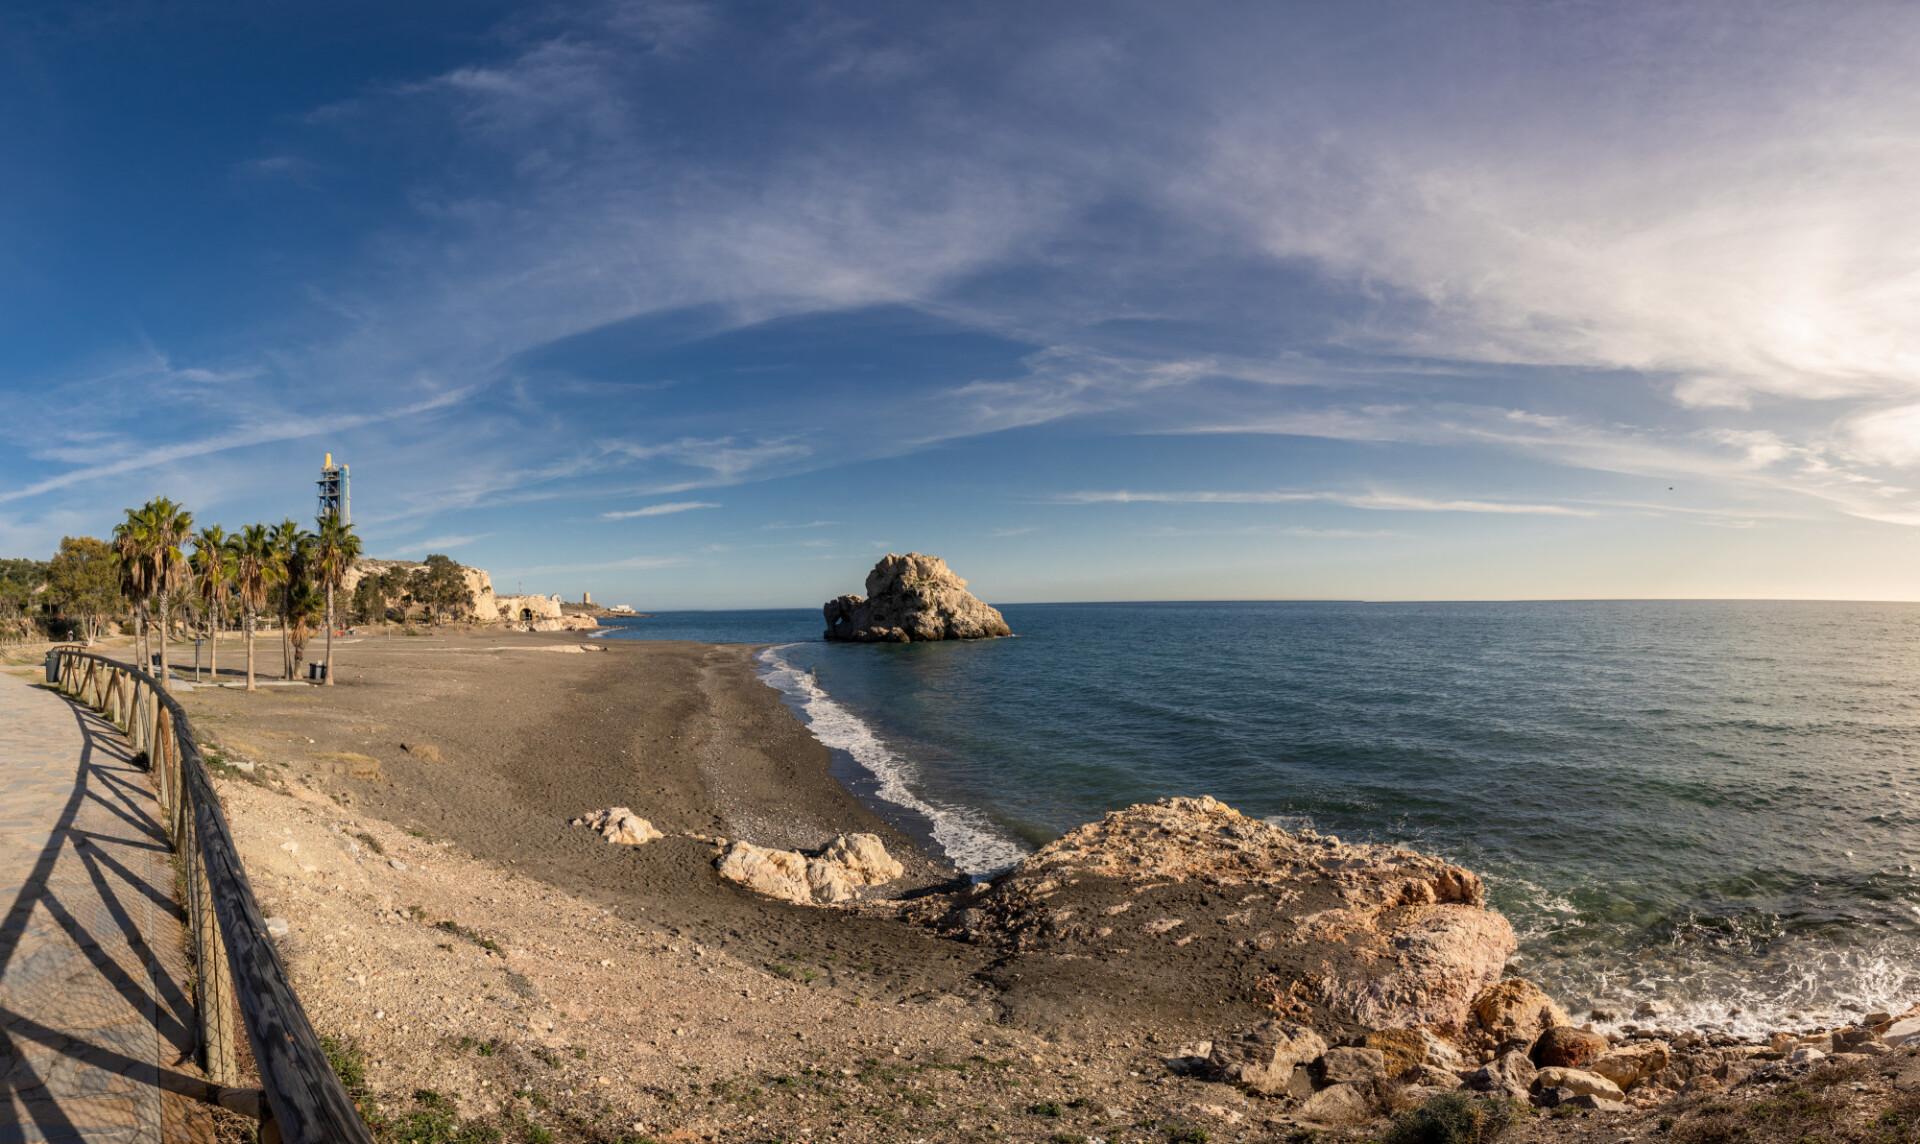 Playa Penon del Cuervo in Spain